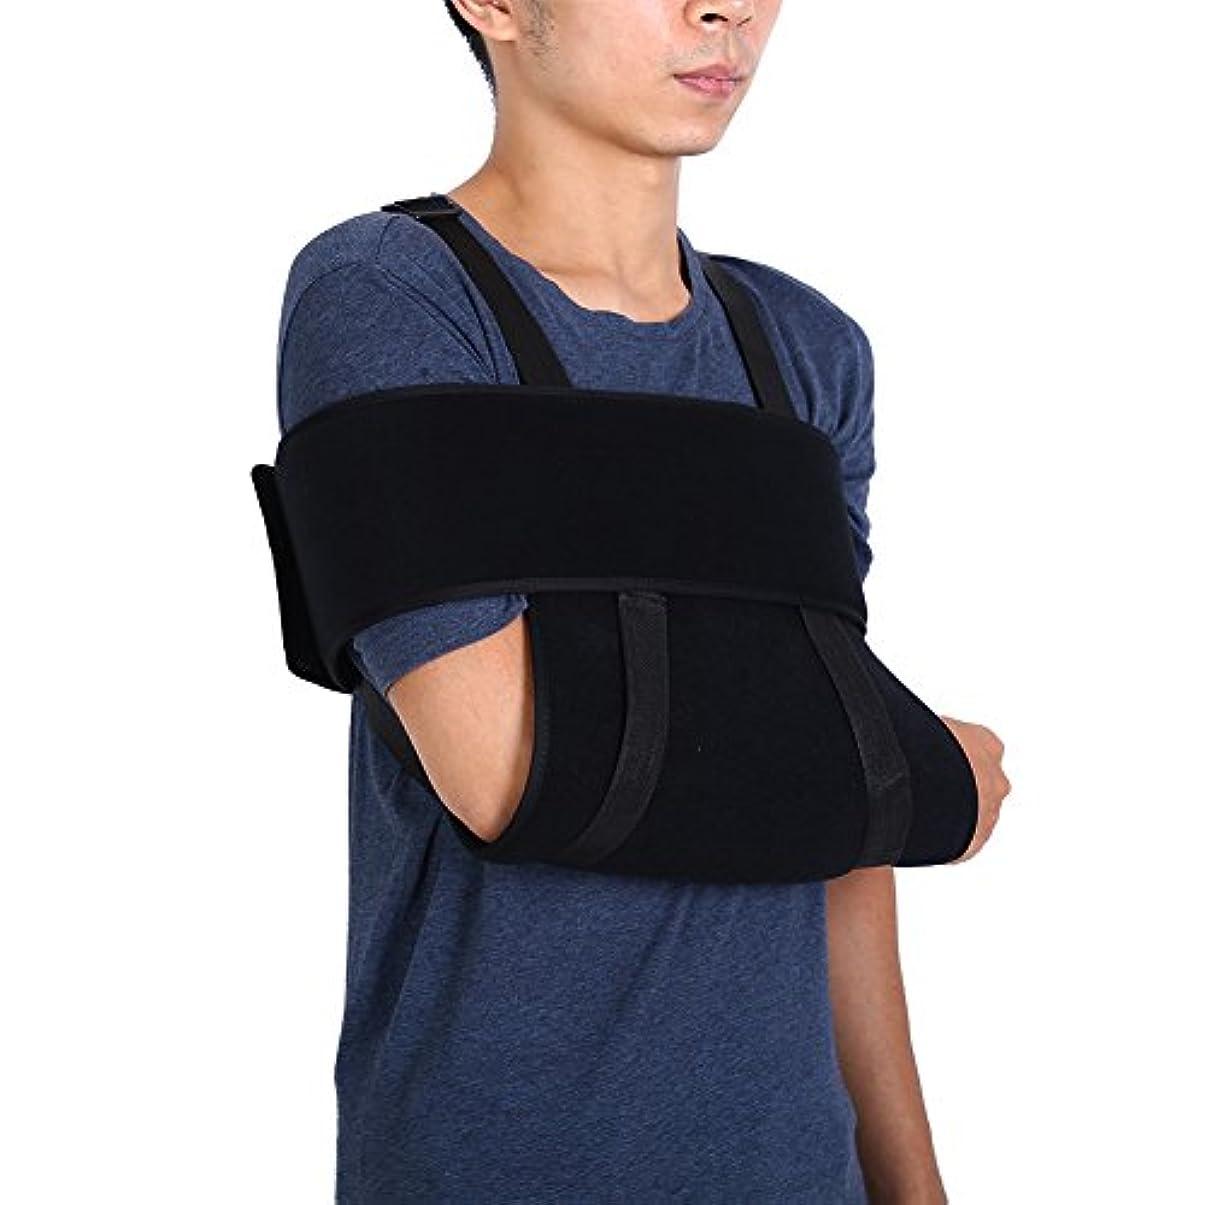 アームリーダー 腕つり用サポーター ネオプレン☆安定感 通気性良い アームホルダー 腕の骨折?脱臼時のギプス固定に 調節可能